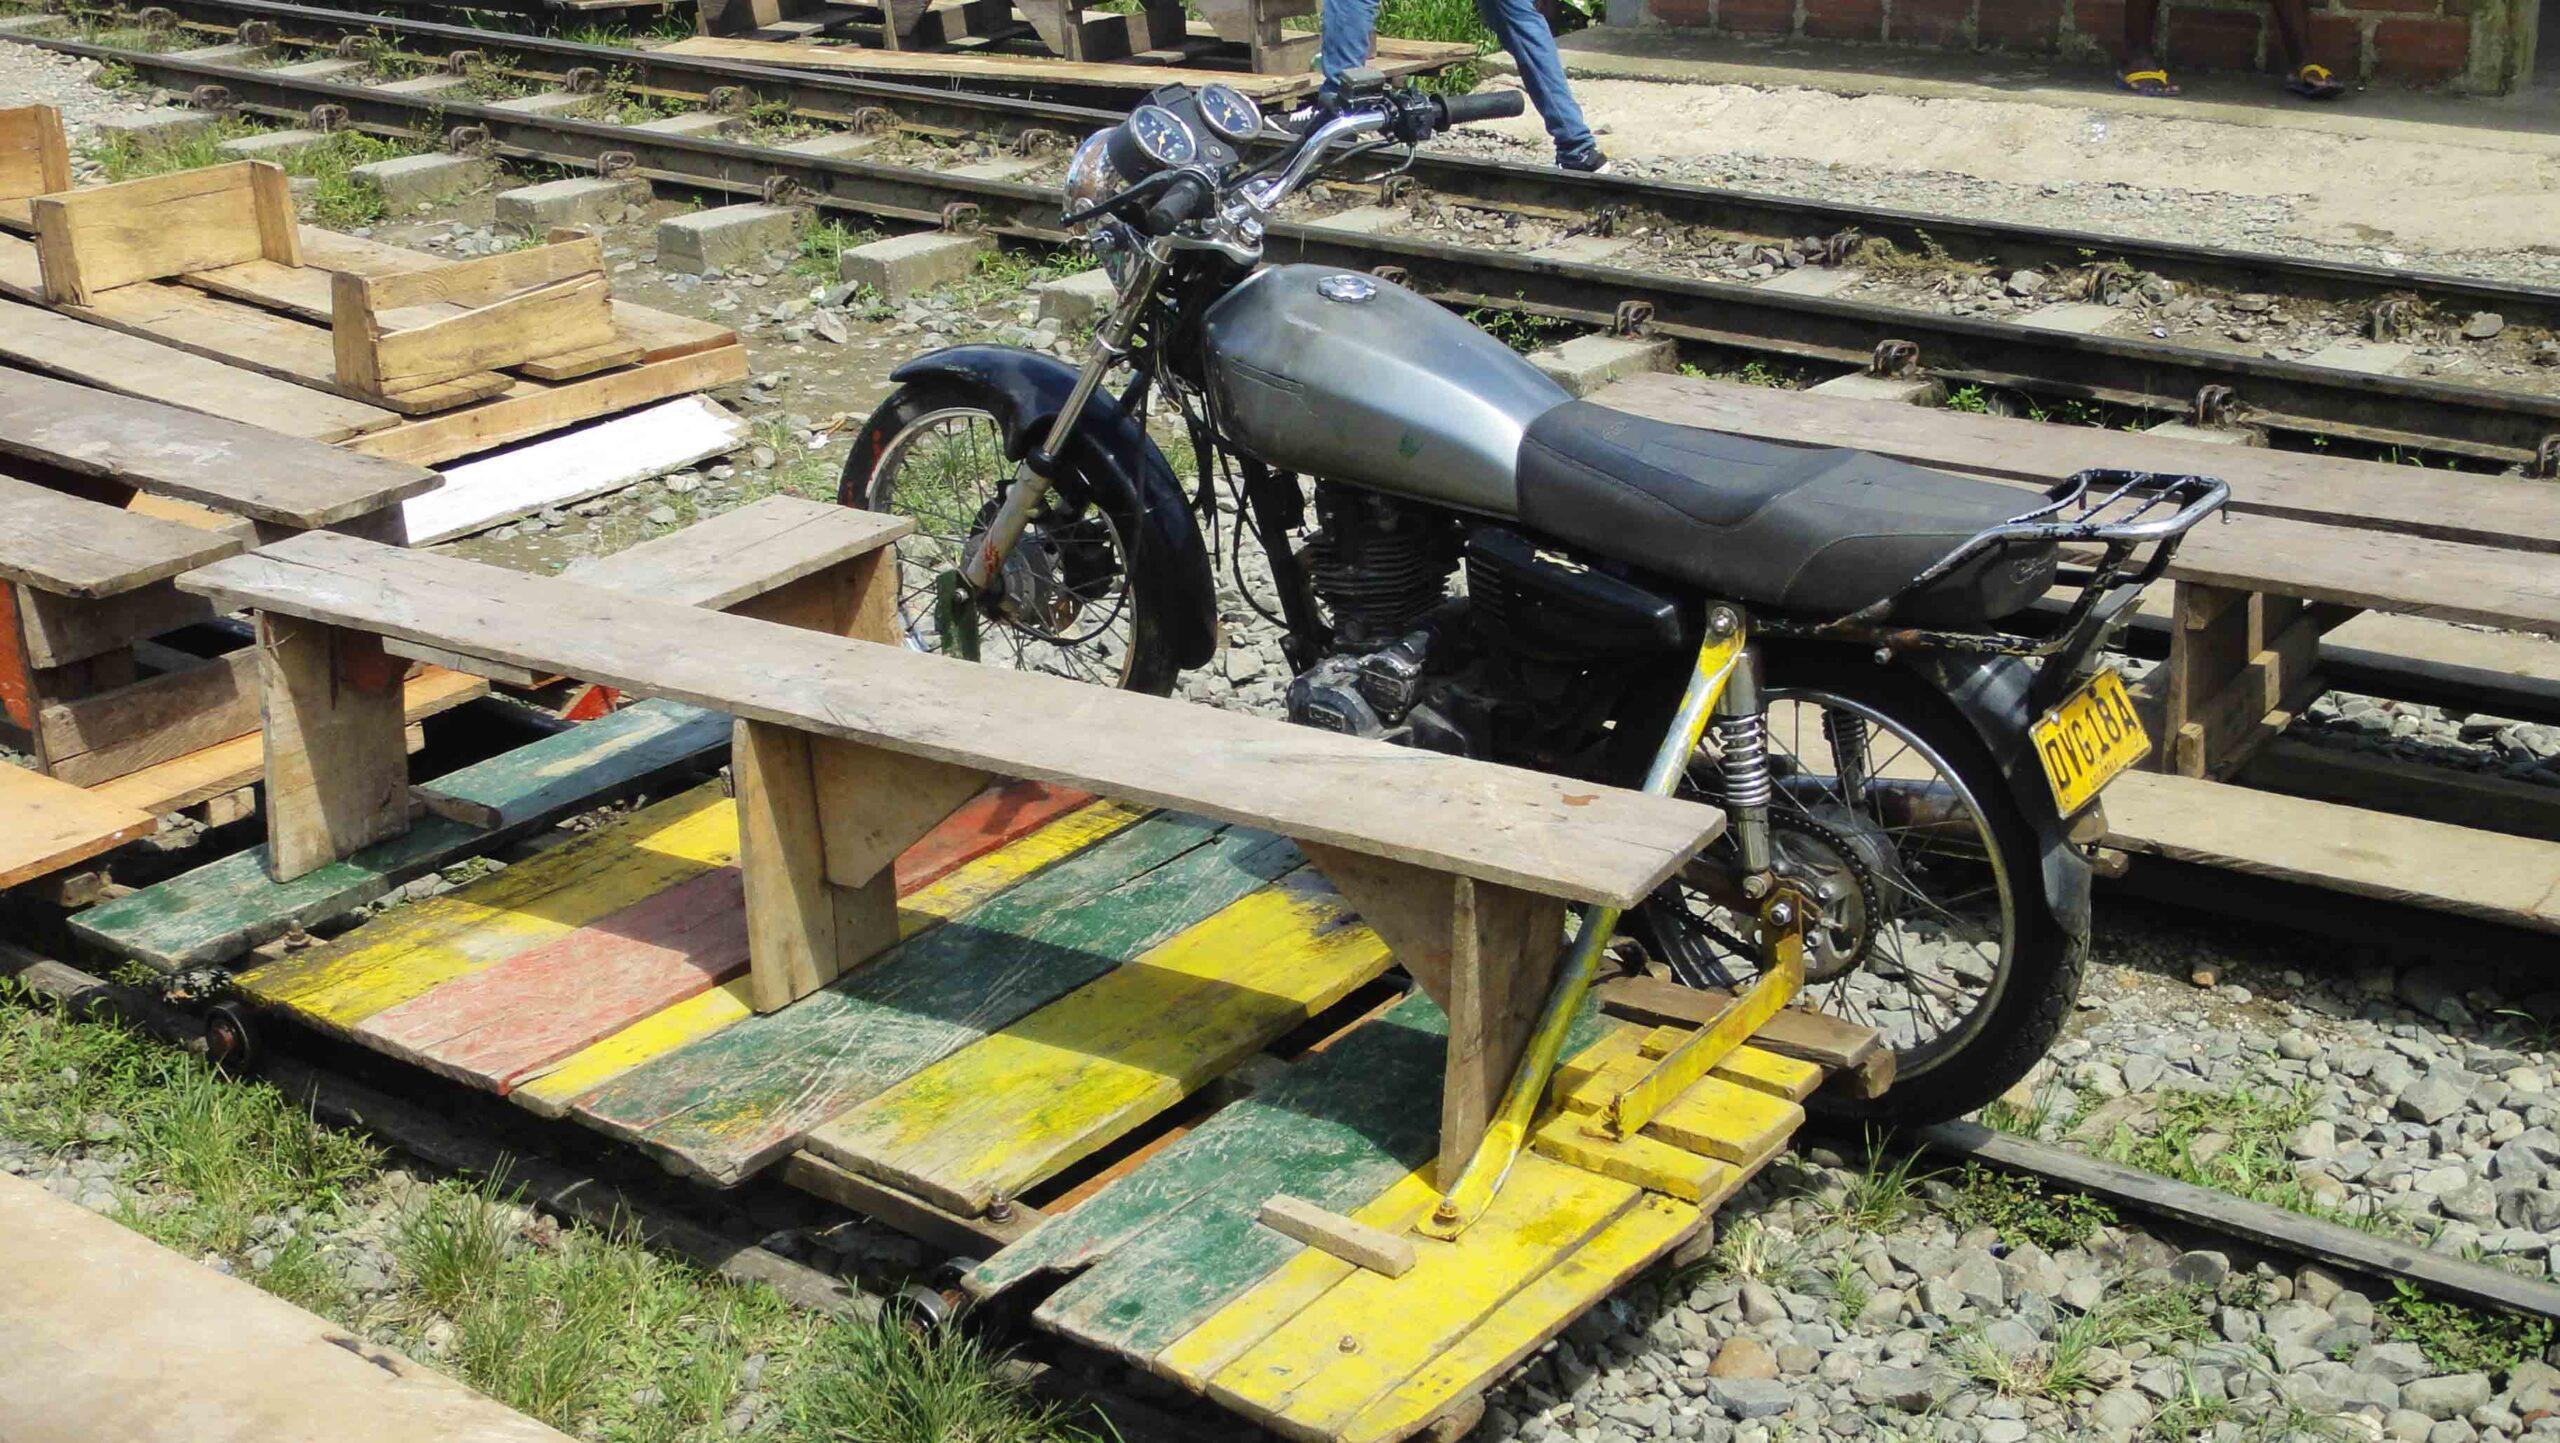 moto train san cirpriano colombia